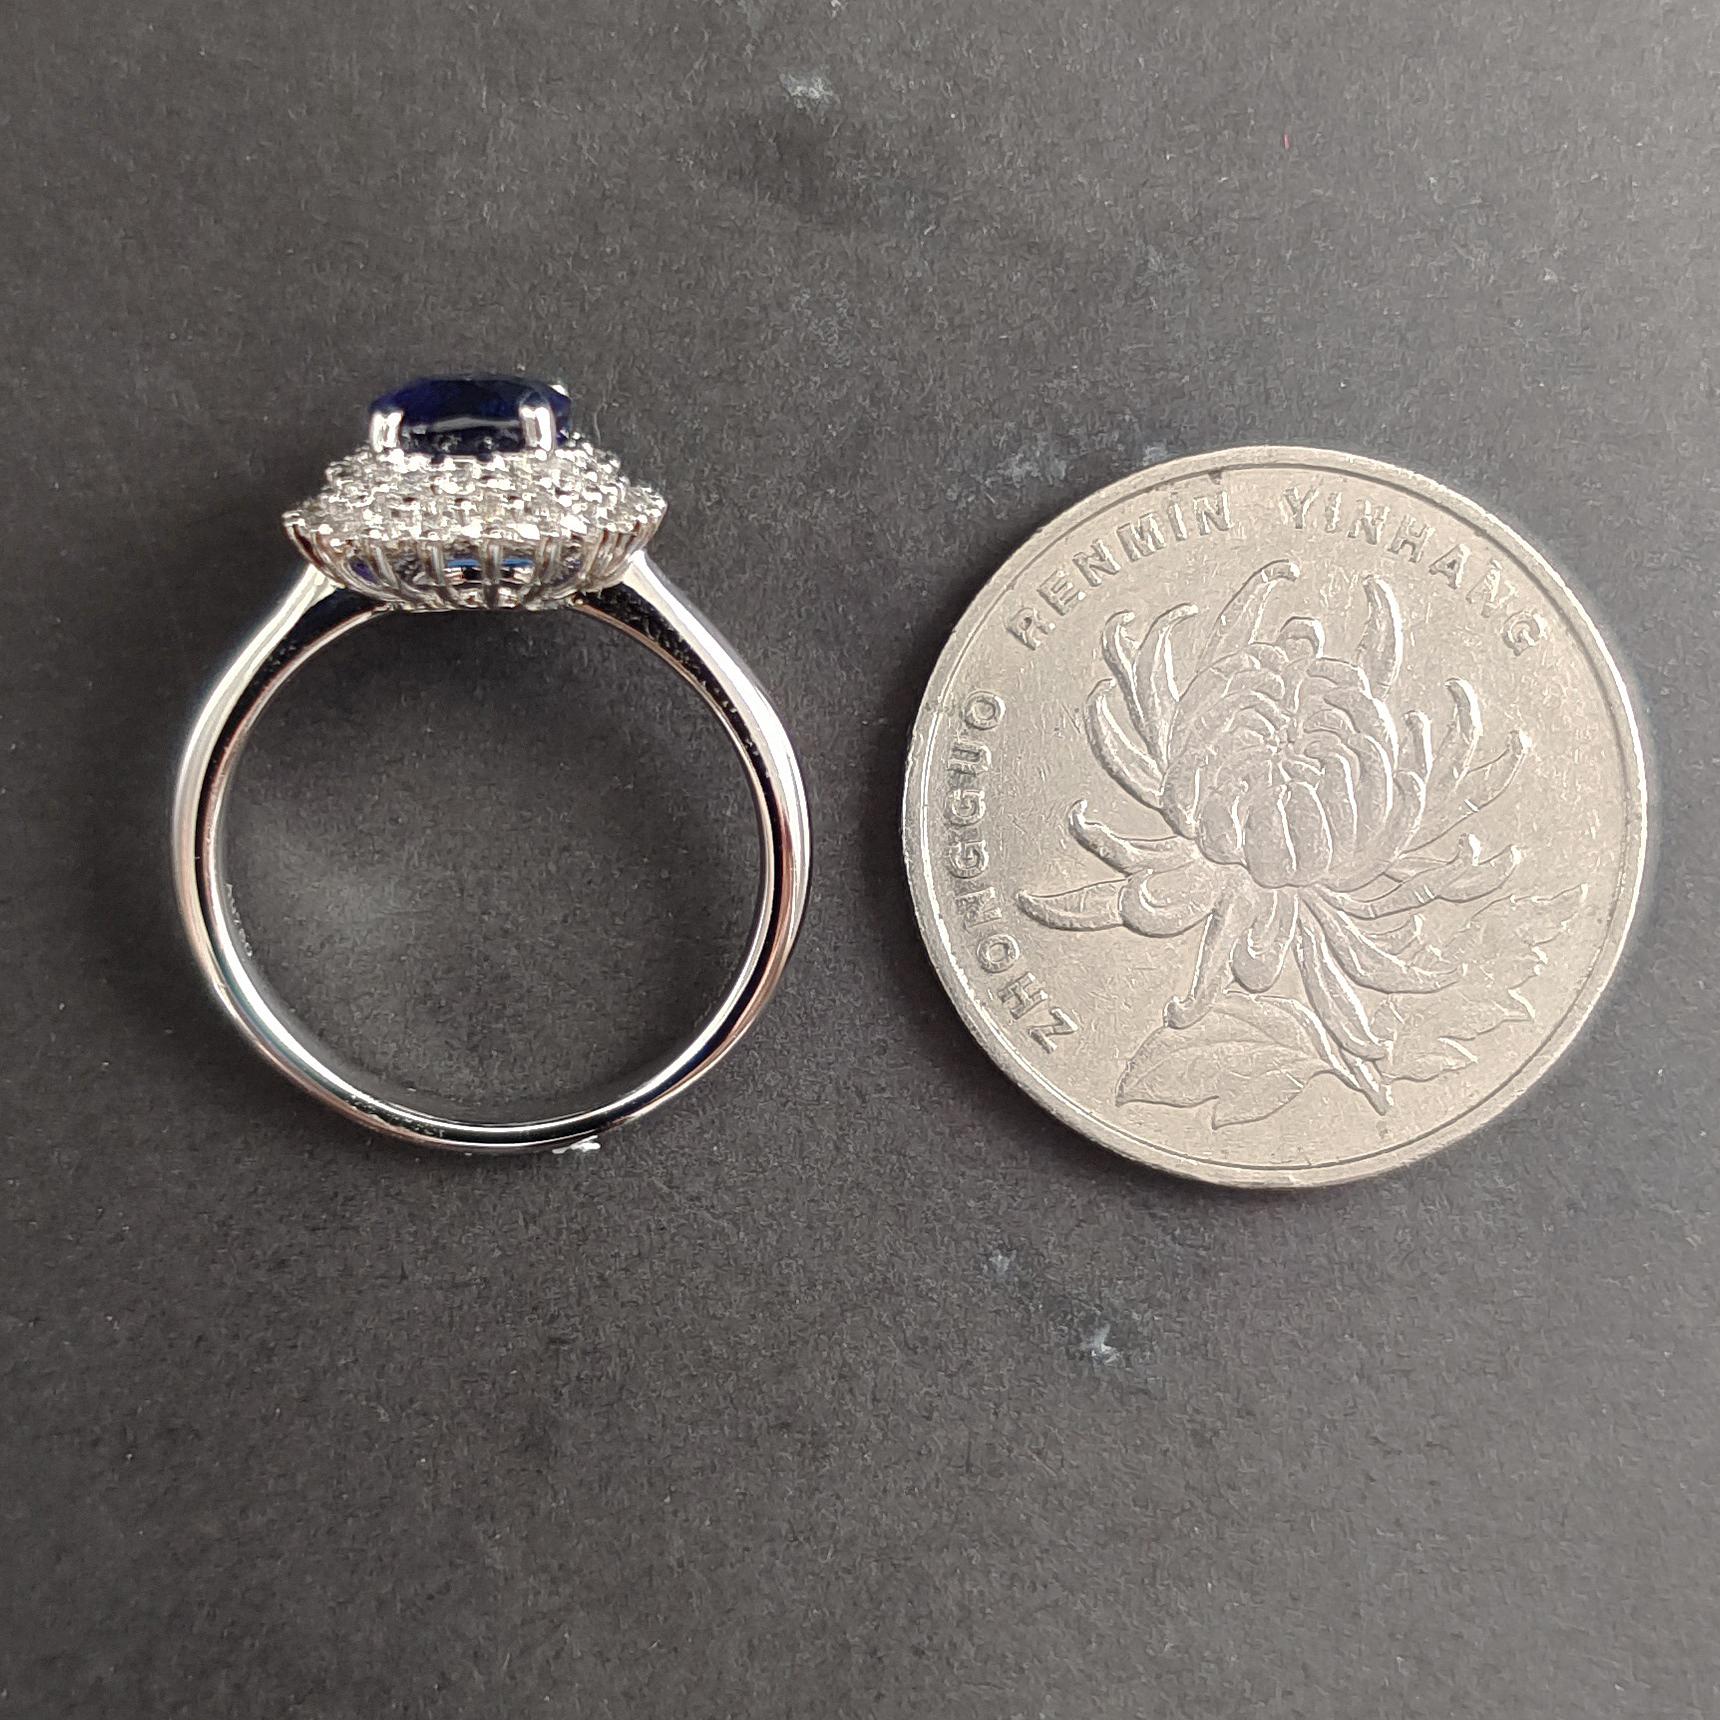 【【戒指】18K金+蓝宝石+钻石 宝石颜色纯正 主石:2.54ct/P 货重:4.74g 手寸:15寸】图5